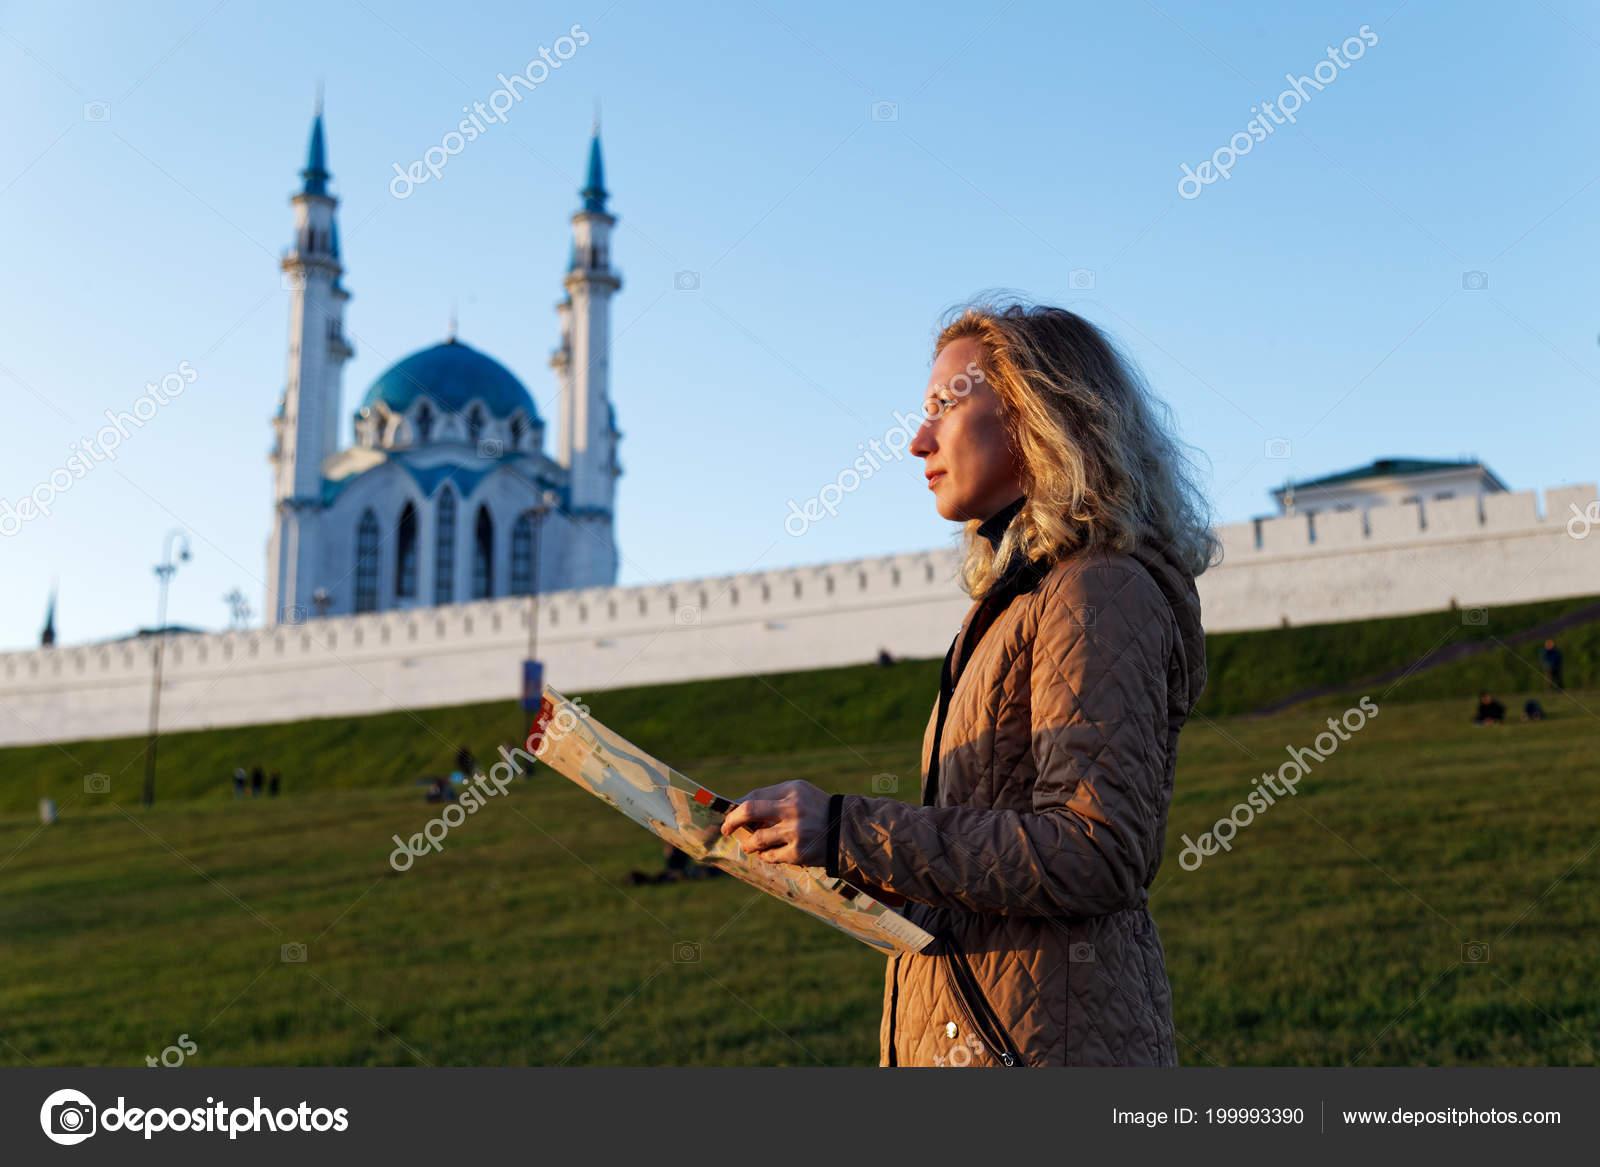 Знакомства при мечетях в казани знакомства в н.новгороде без регистрации